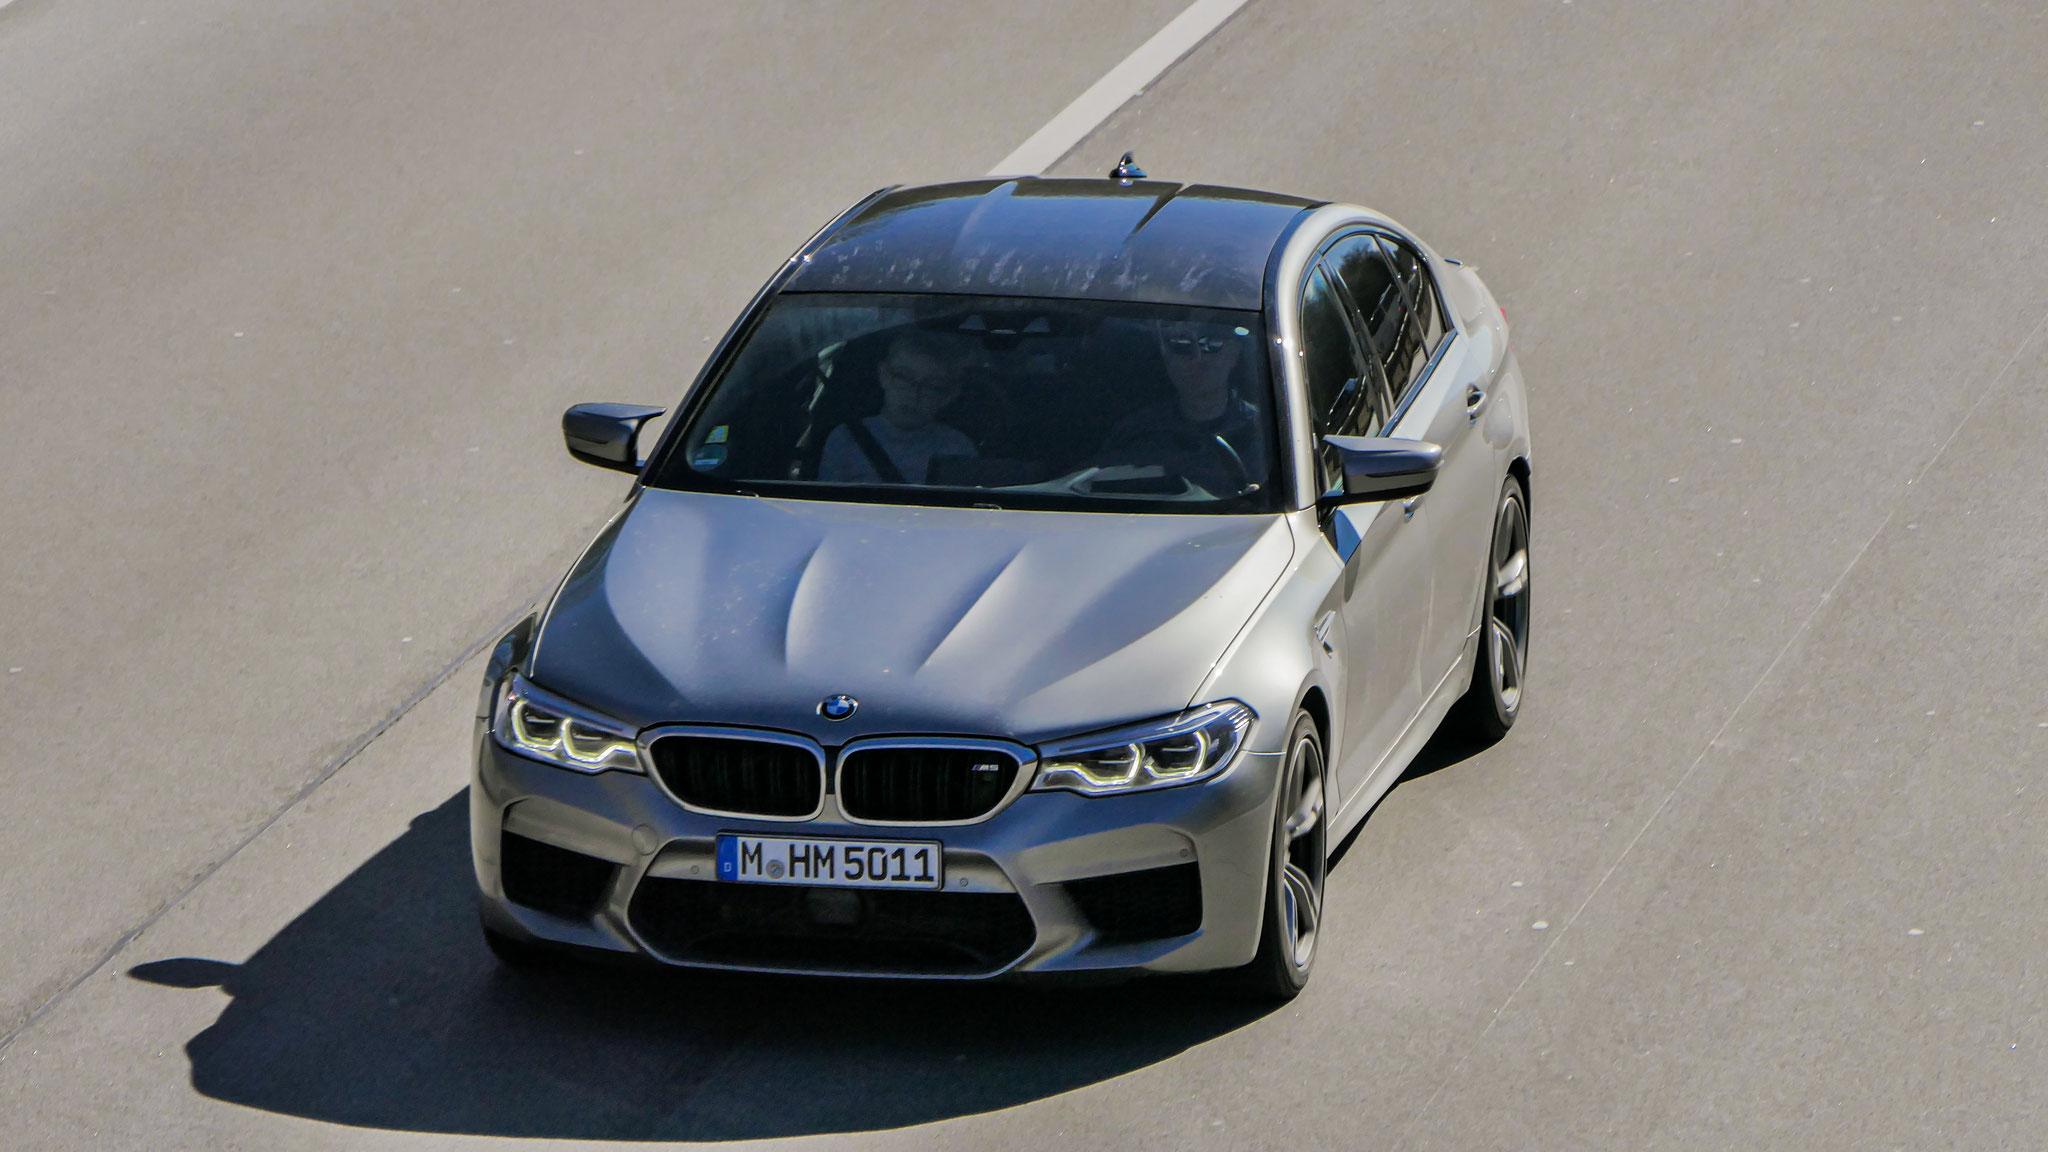 BMW M5 - M-HM-5011